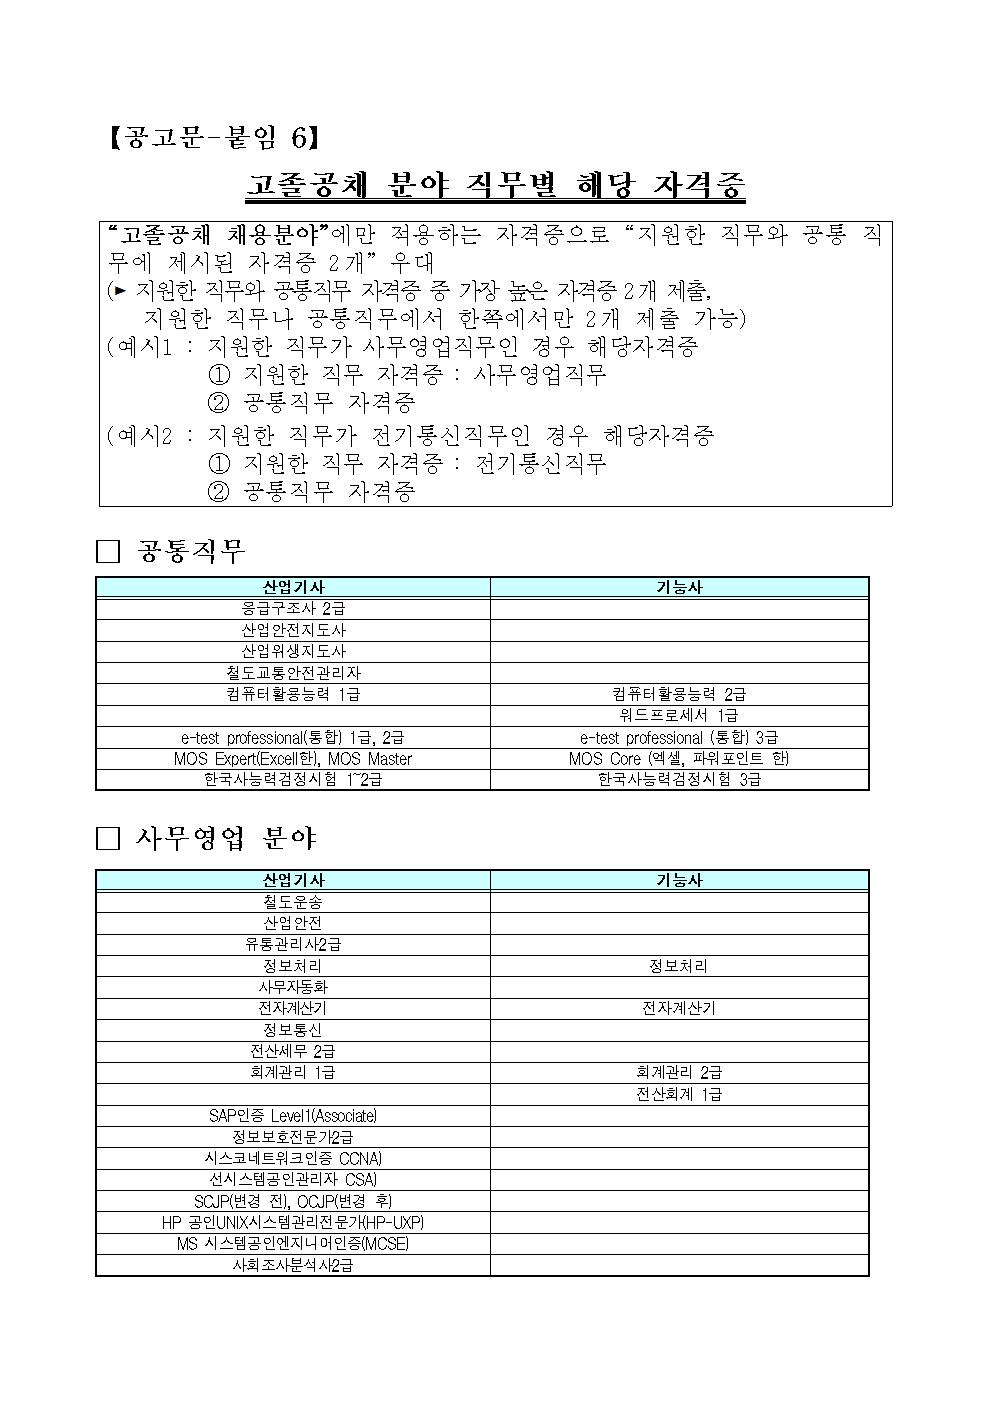 붙임6. 고졸공채 분야 직무별 해당자격증 안내_최종001.png